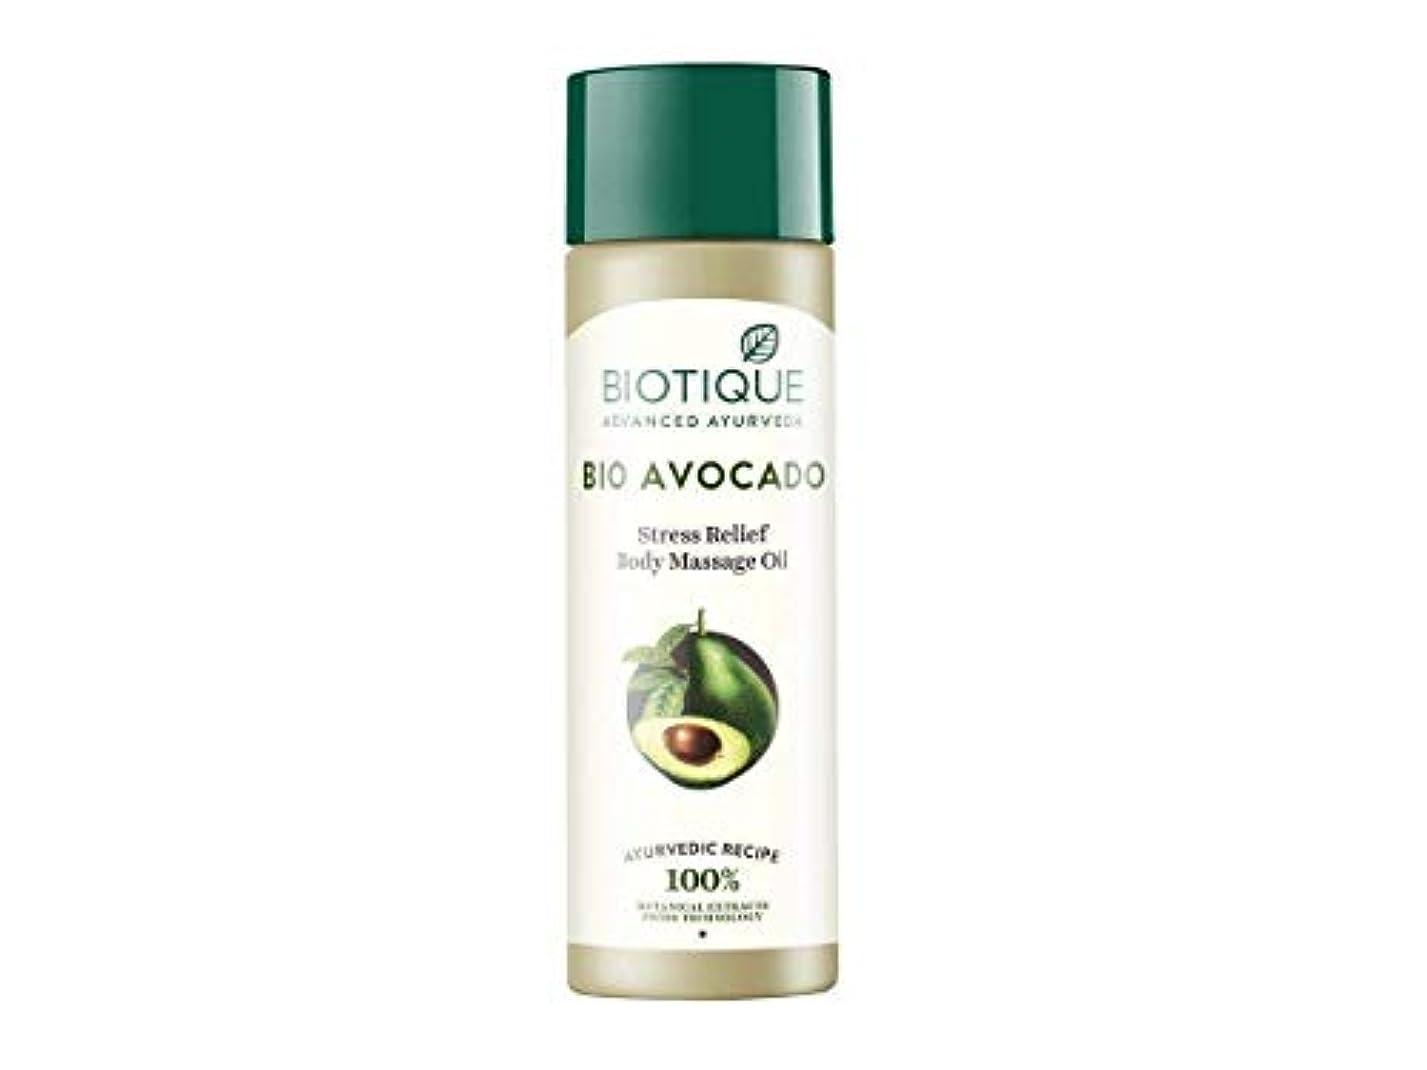 実験意気込み信頼できるBiotique Bio Cado Avocado Stress Relief Body Massage Oil, 200ml Relaxing oil Biotique Bio Cadoアボカドストレスリリーフボディマッサージオイル...